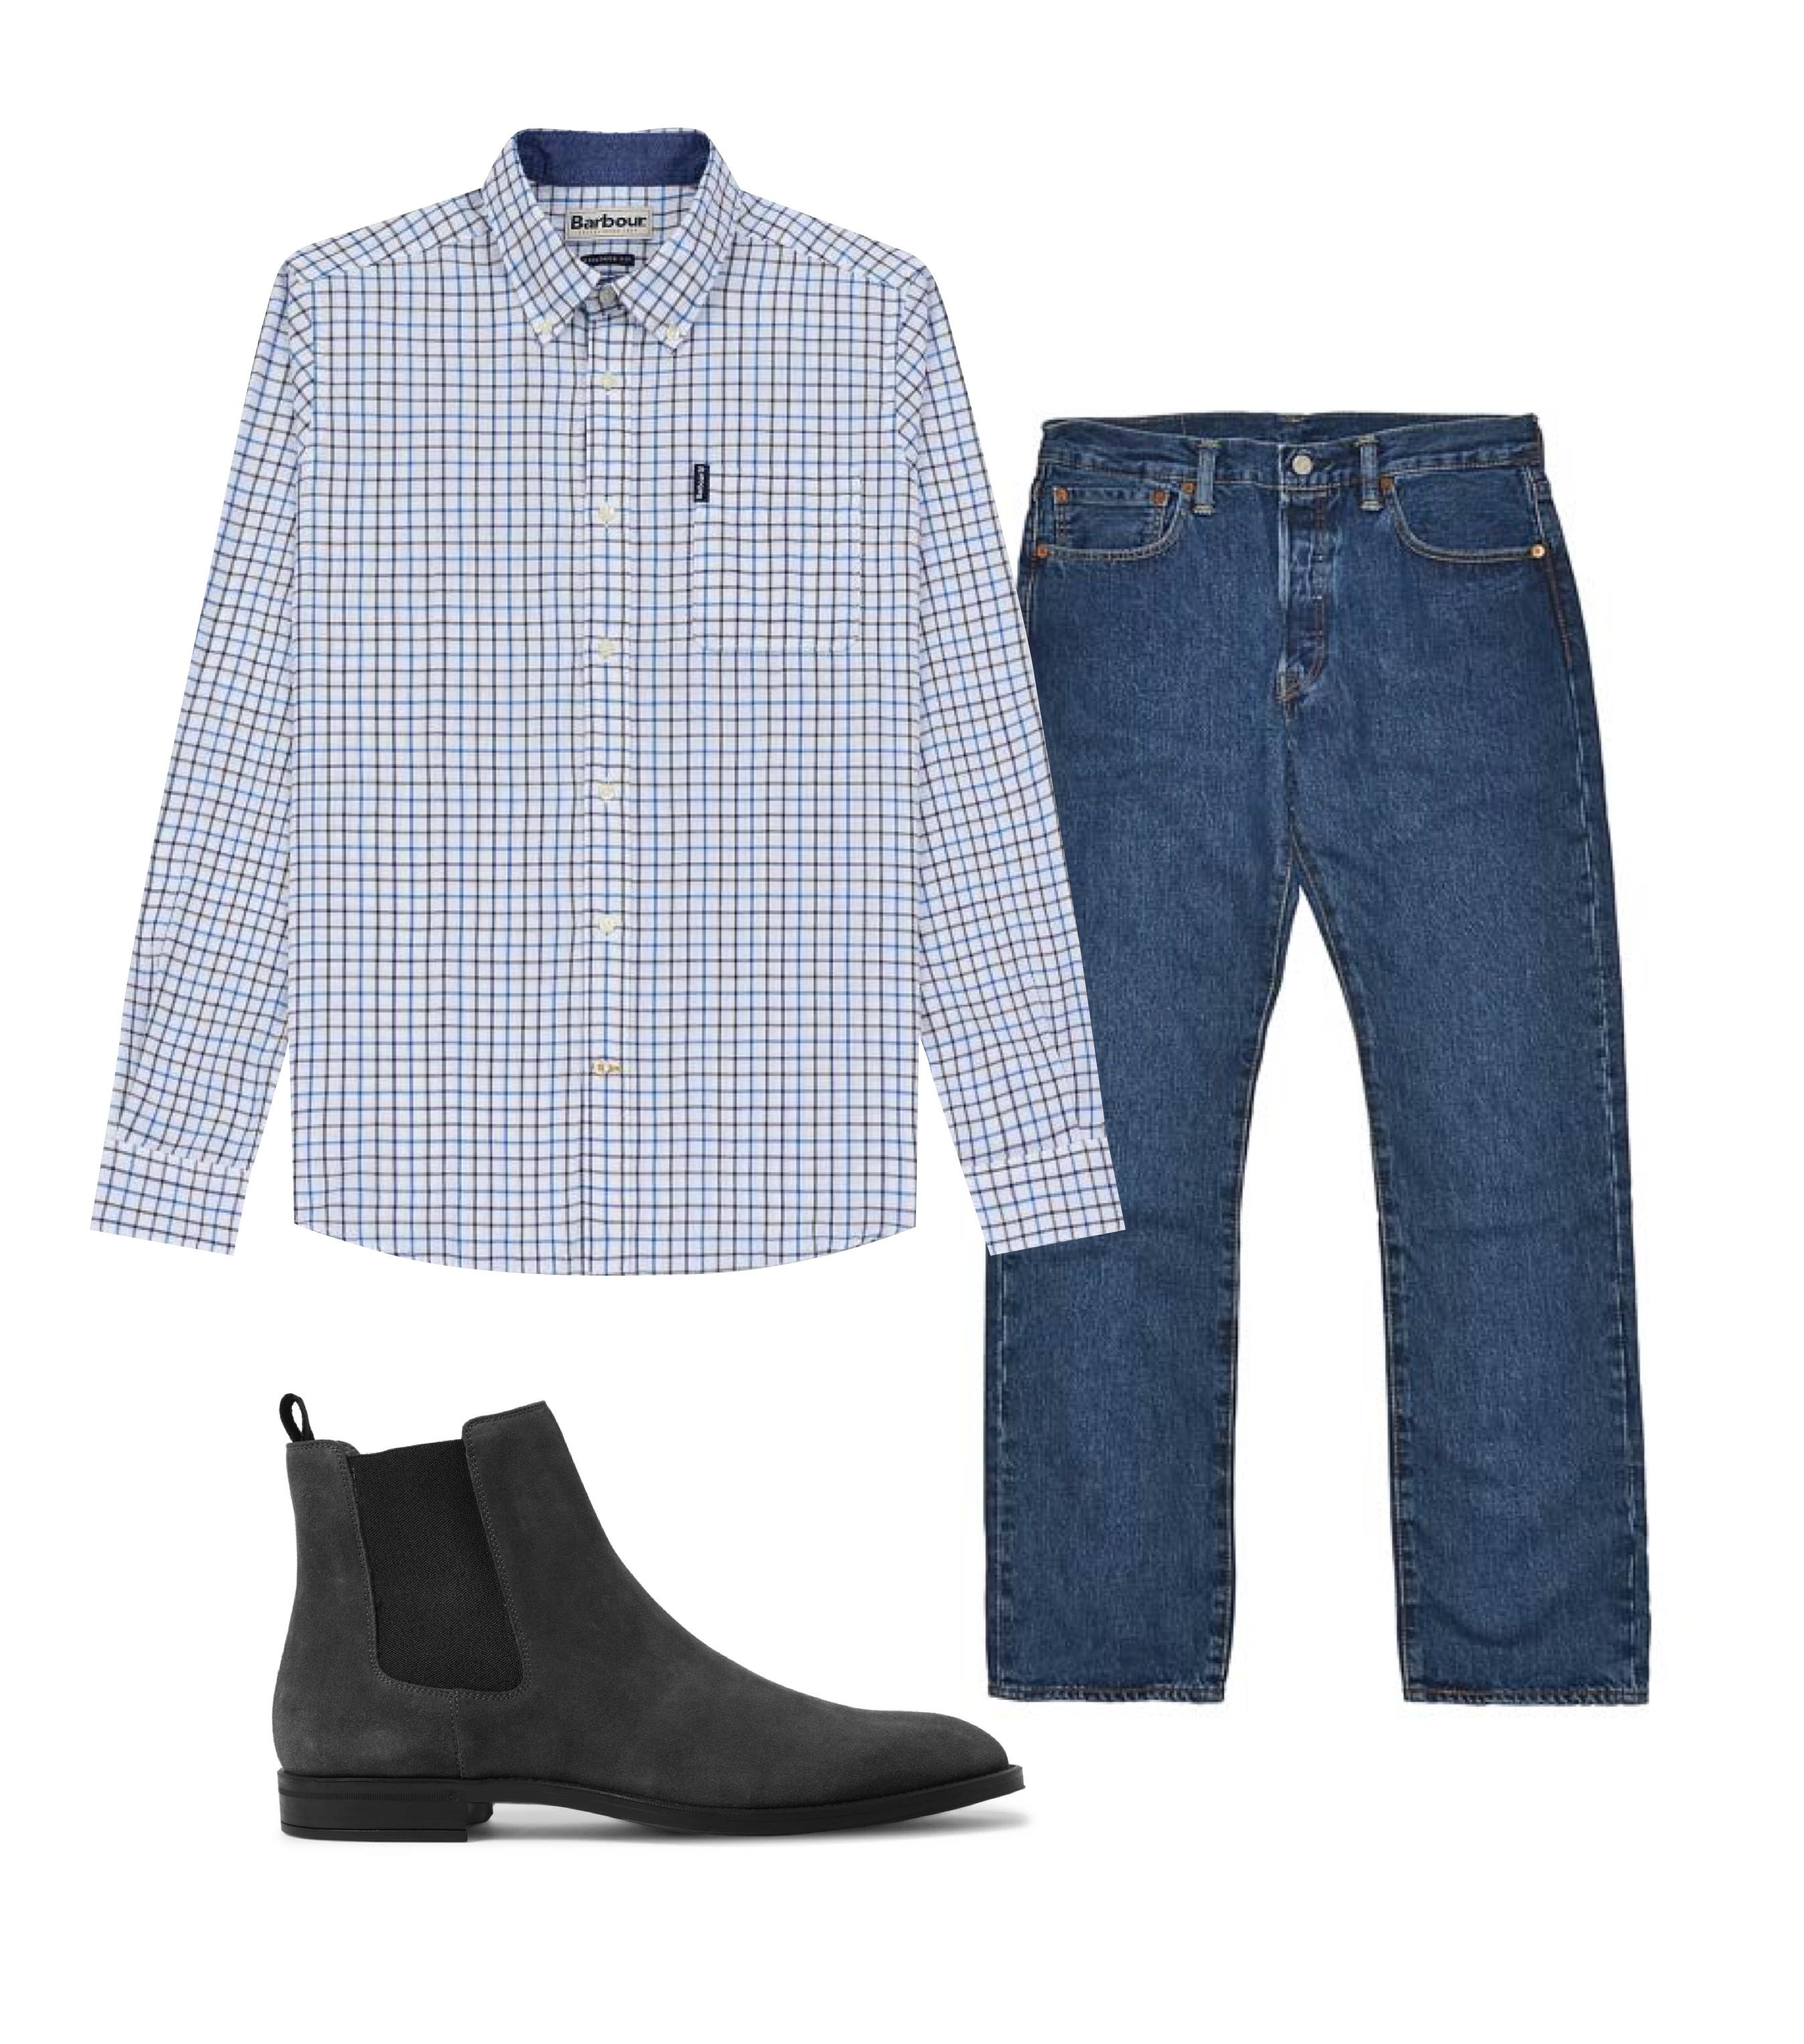 Джинсы Levi's, 7500 рублей; рубашка Barbour, 7290 рублей; обувь Hugo Boss, €302